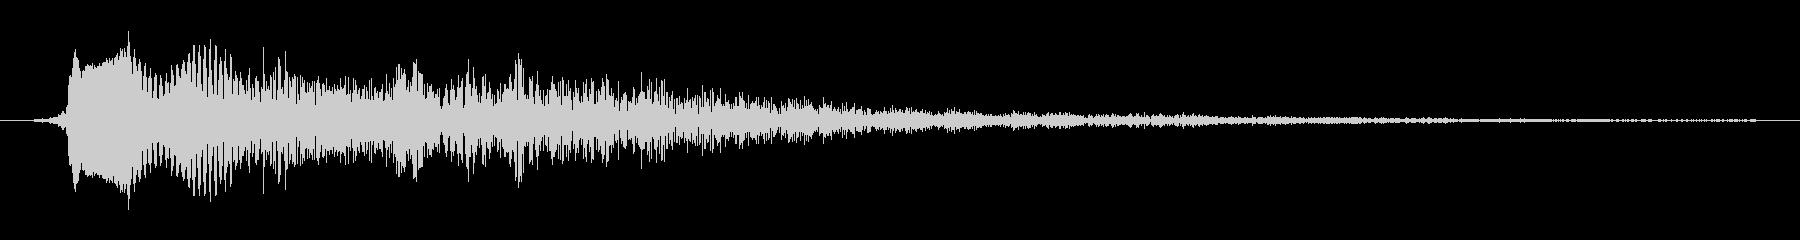 上昇_パワーアップ系_04の未再生の波形